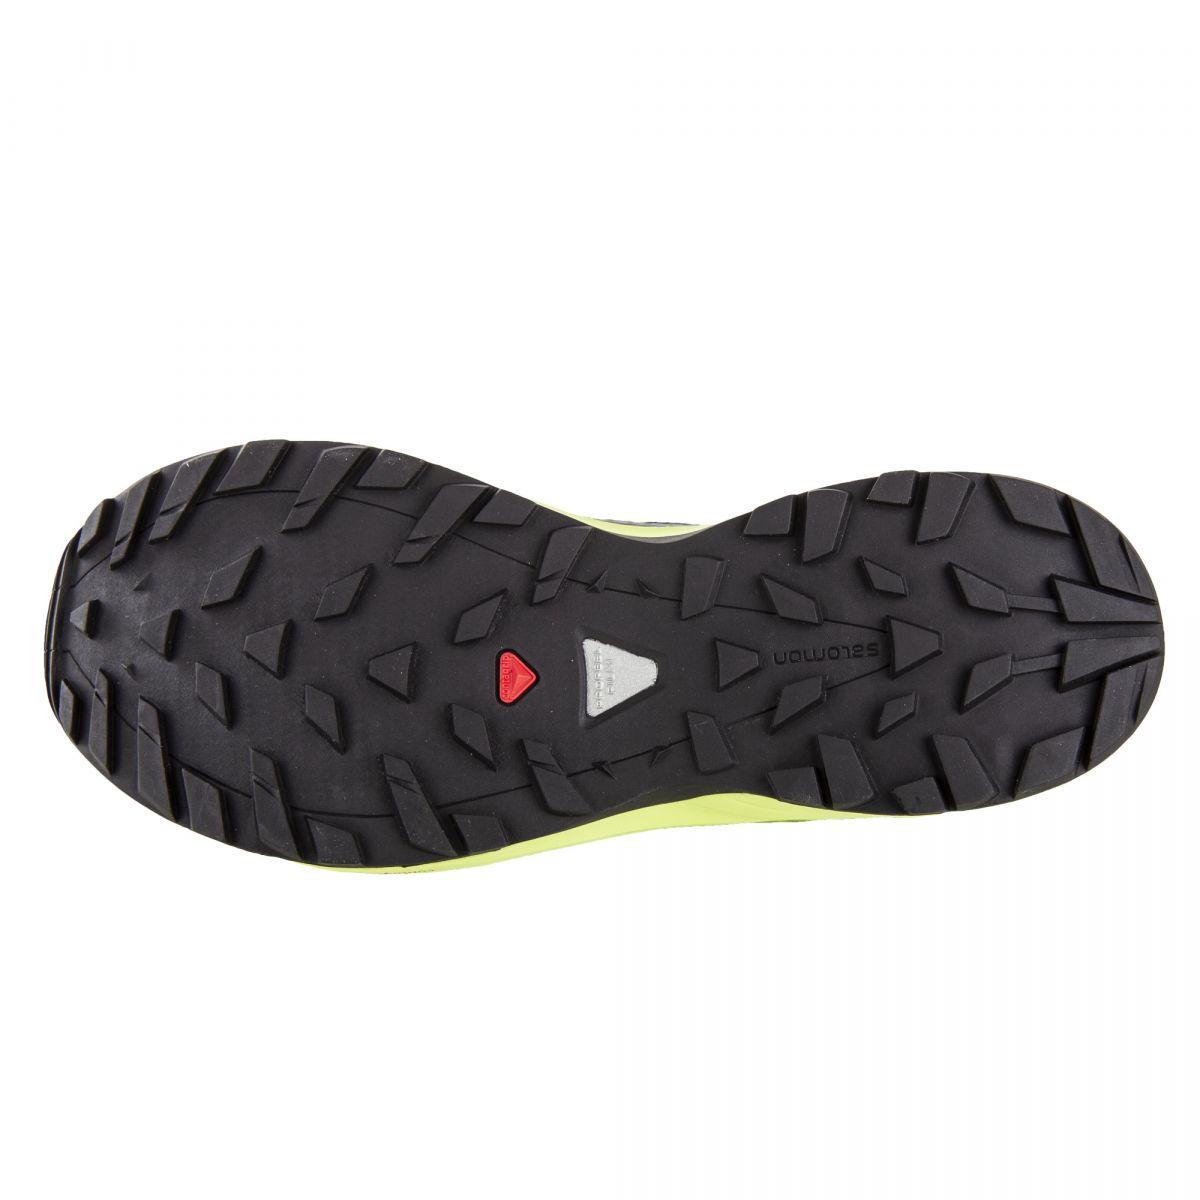 af3e1dd4cb88 ... Baskets Trail Enduro Chaussettes Quicklace Homme SALOMON marque pas  cher prix dégriffés destockage ...